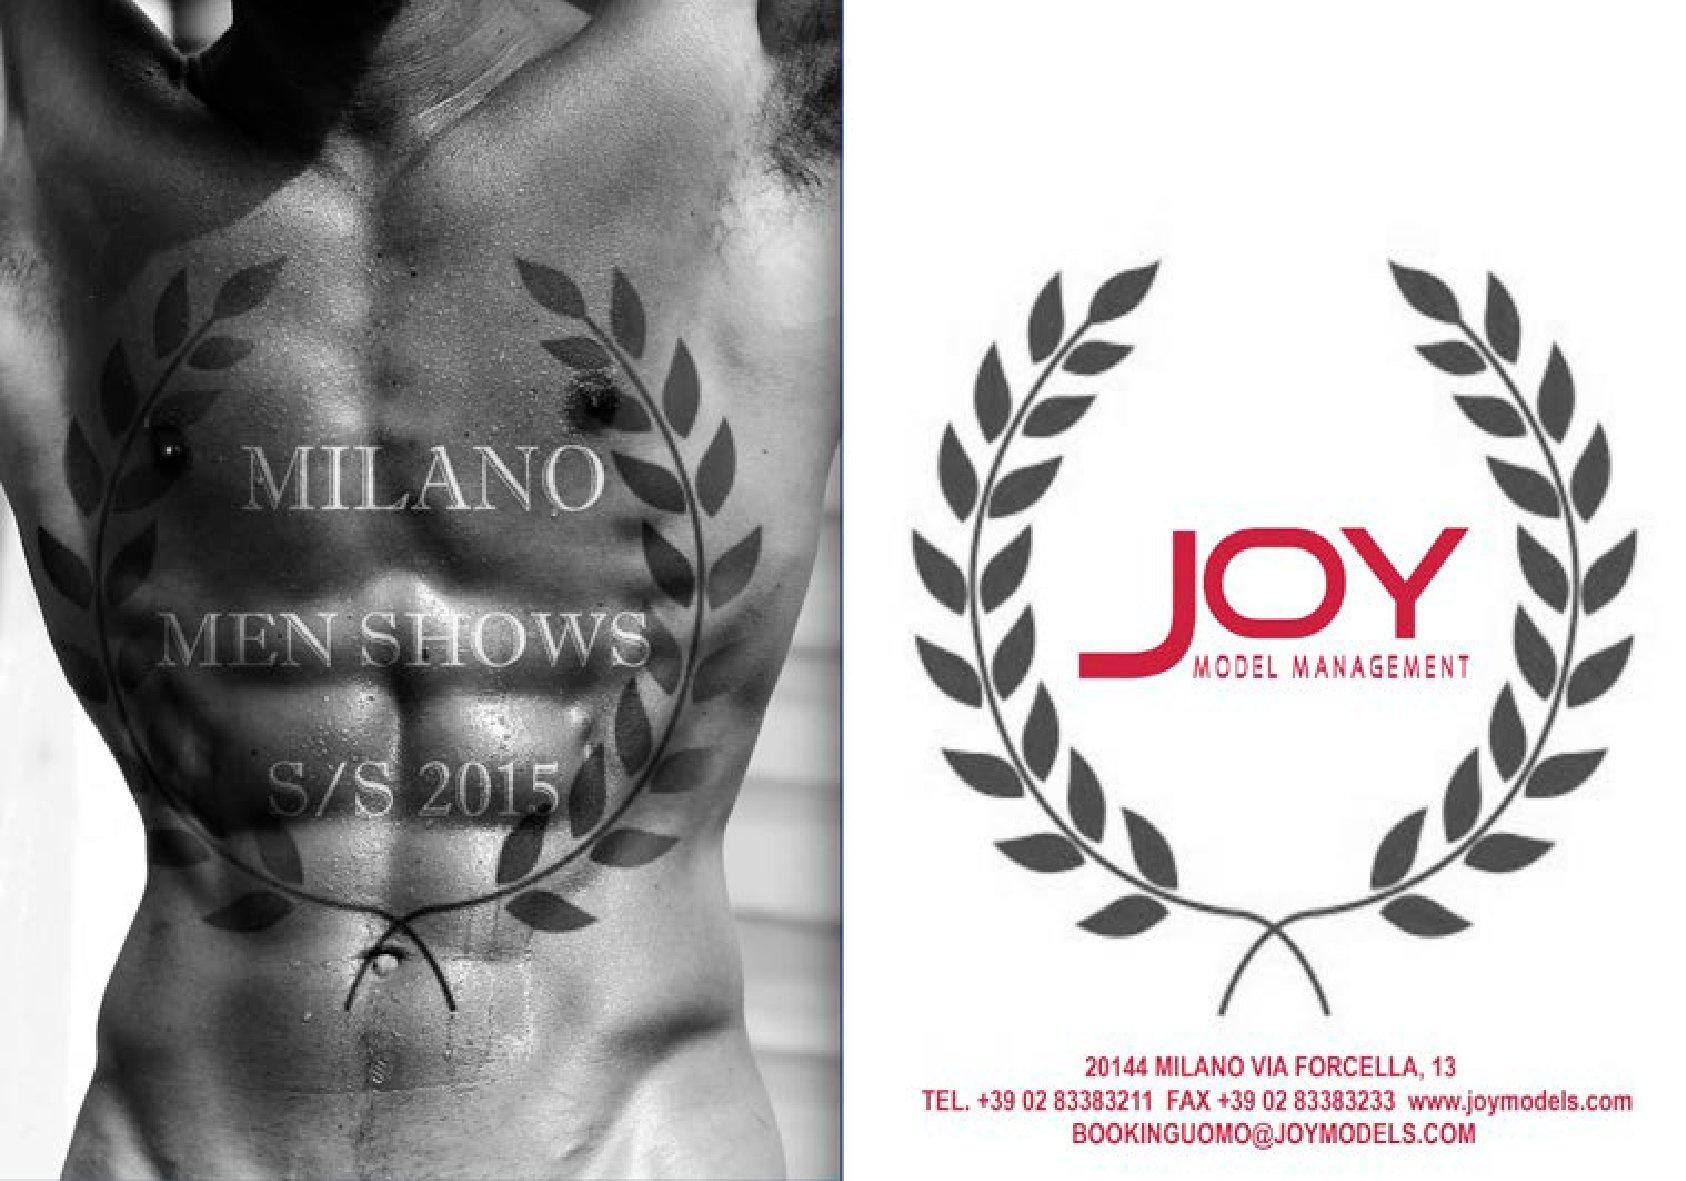 Joy Model Management Spring/Summer 2015 Show Package